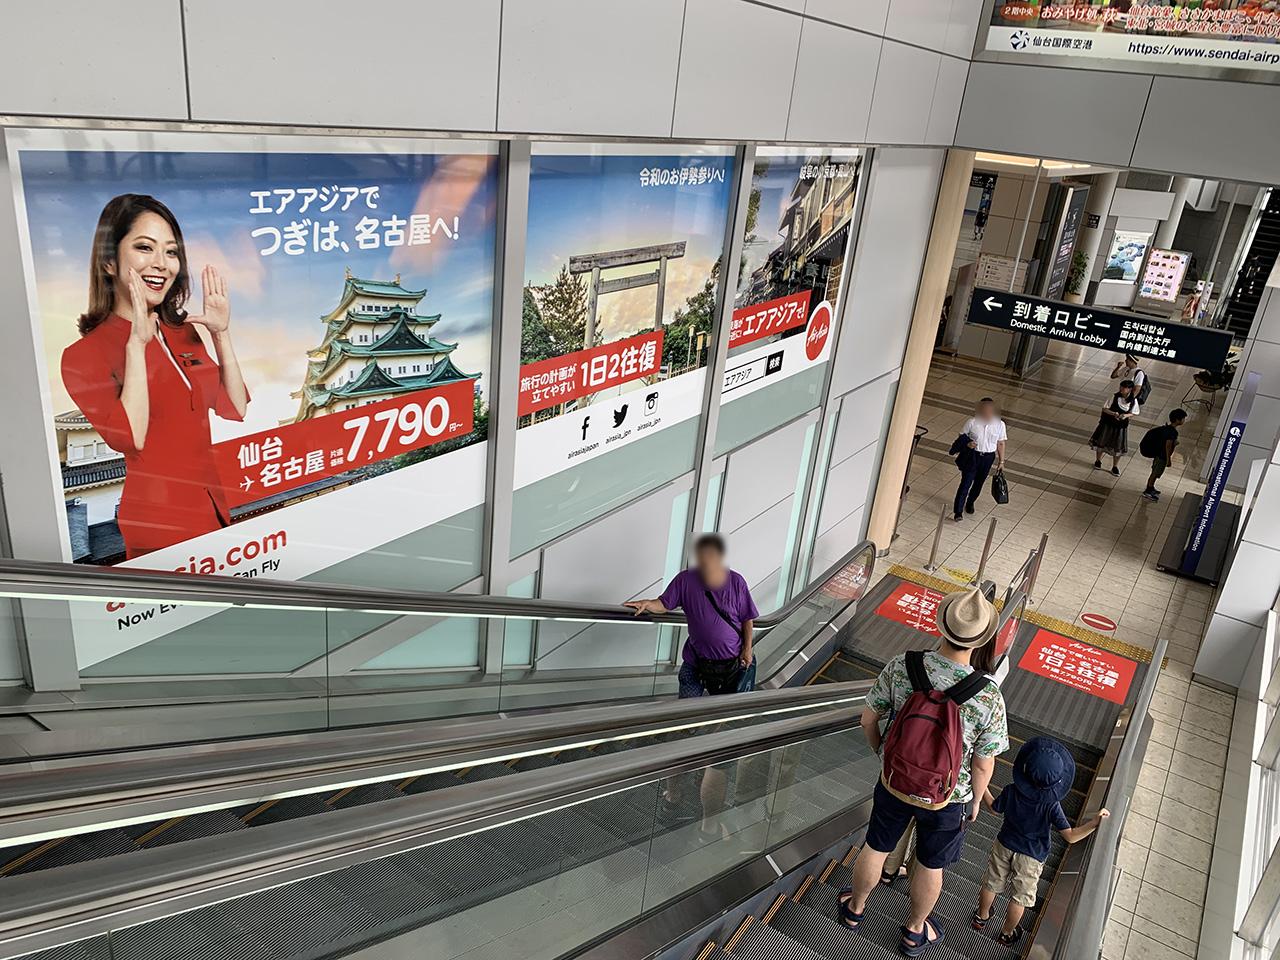 エスカレーターにエアアジアの巨大広告(仙台空港)